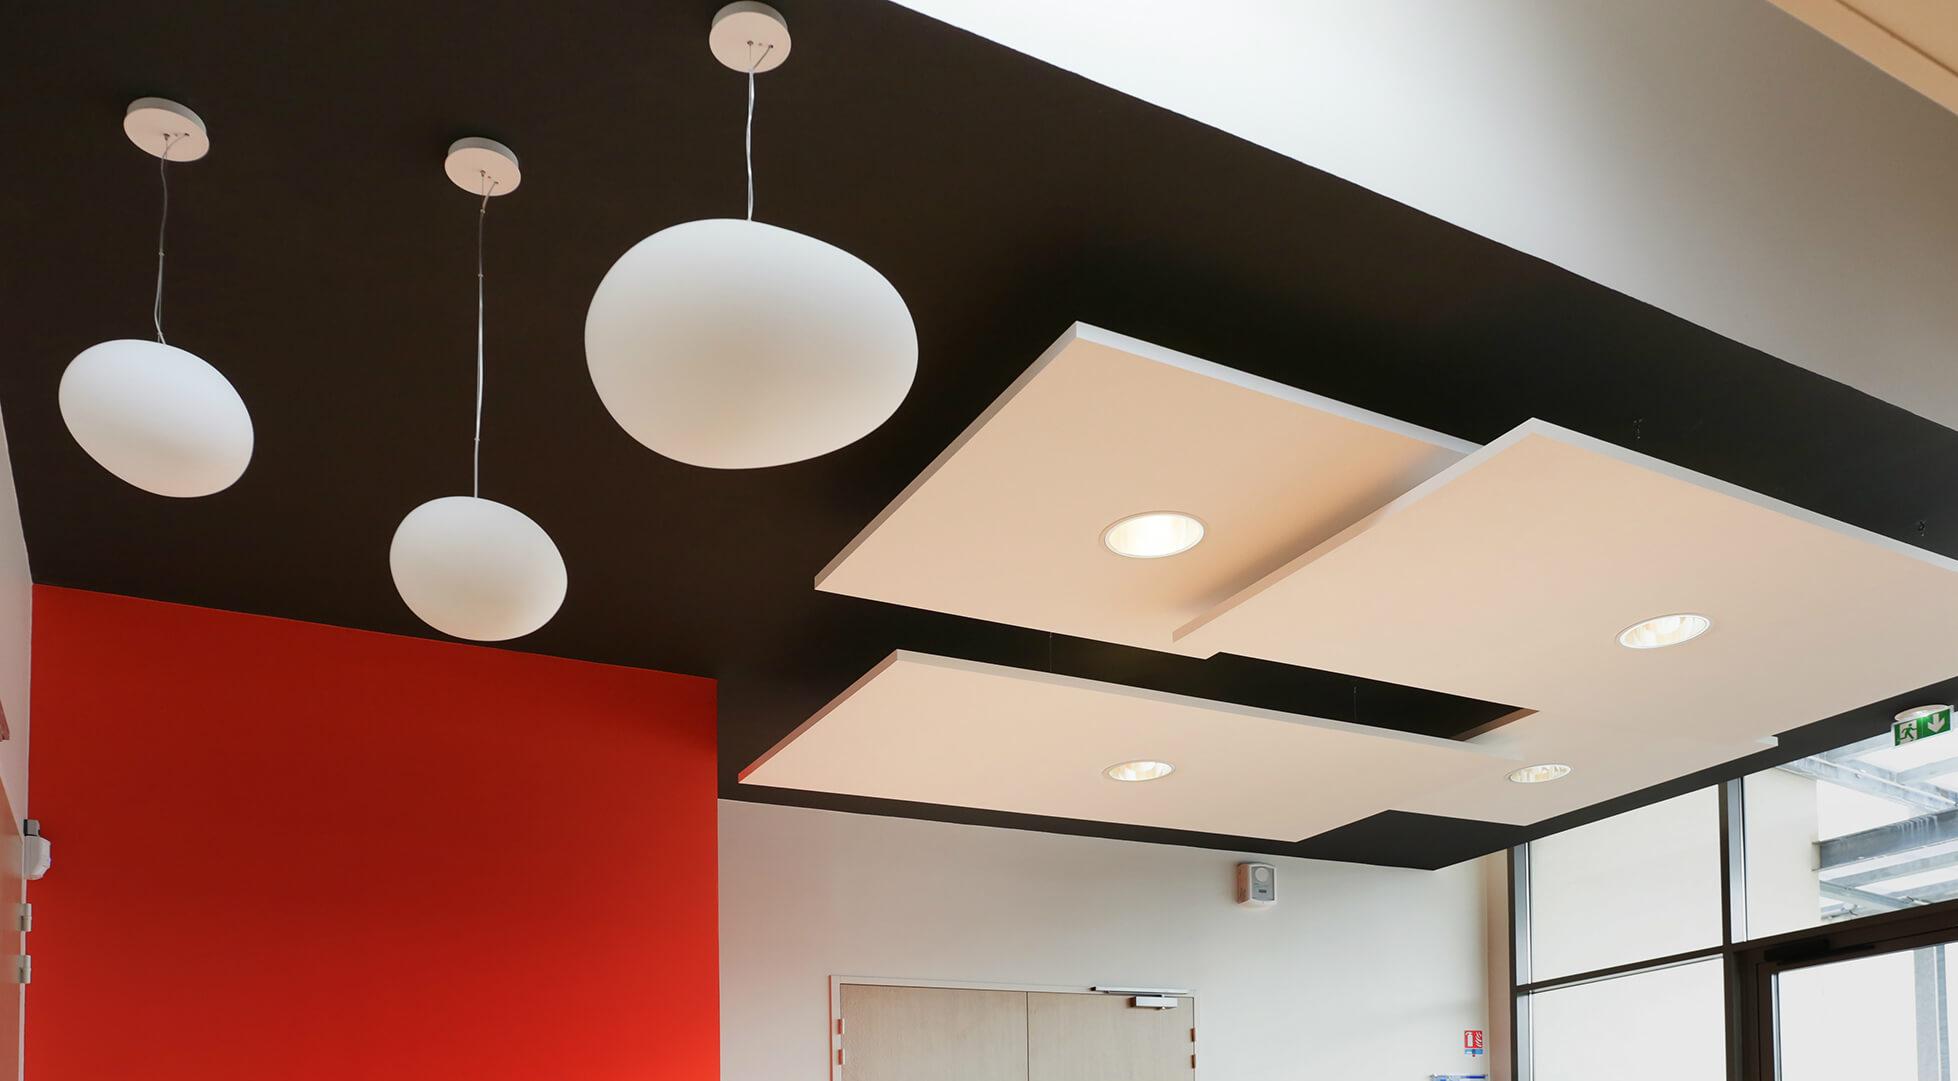 plafond plaque de plâtre noir / éléments acoustiques suspendus sur filin